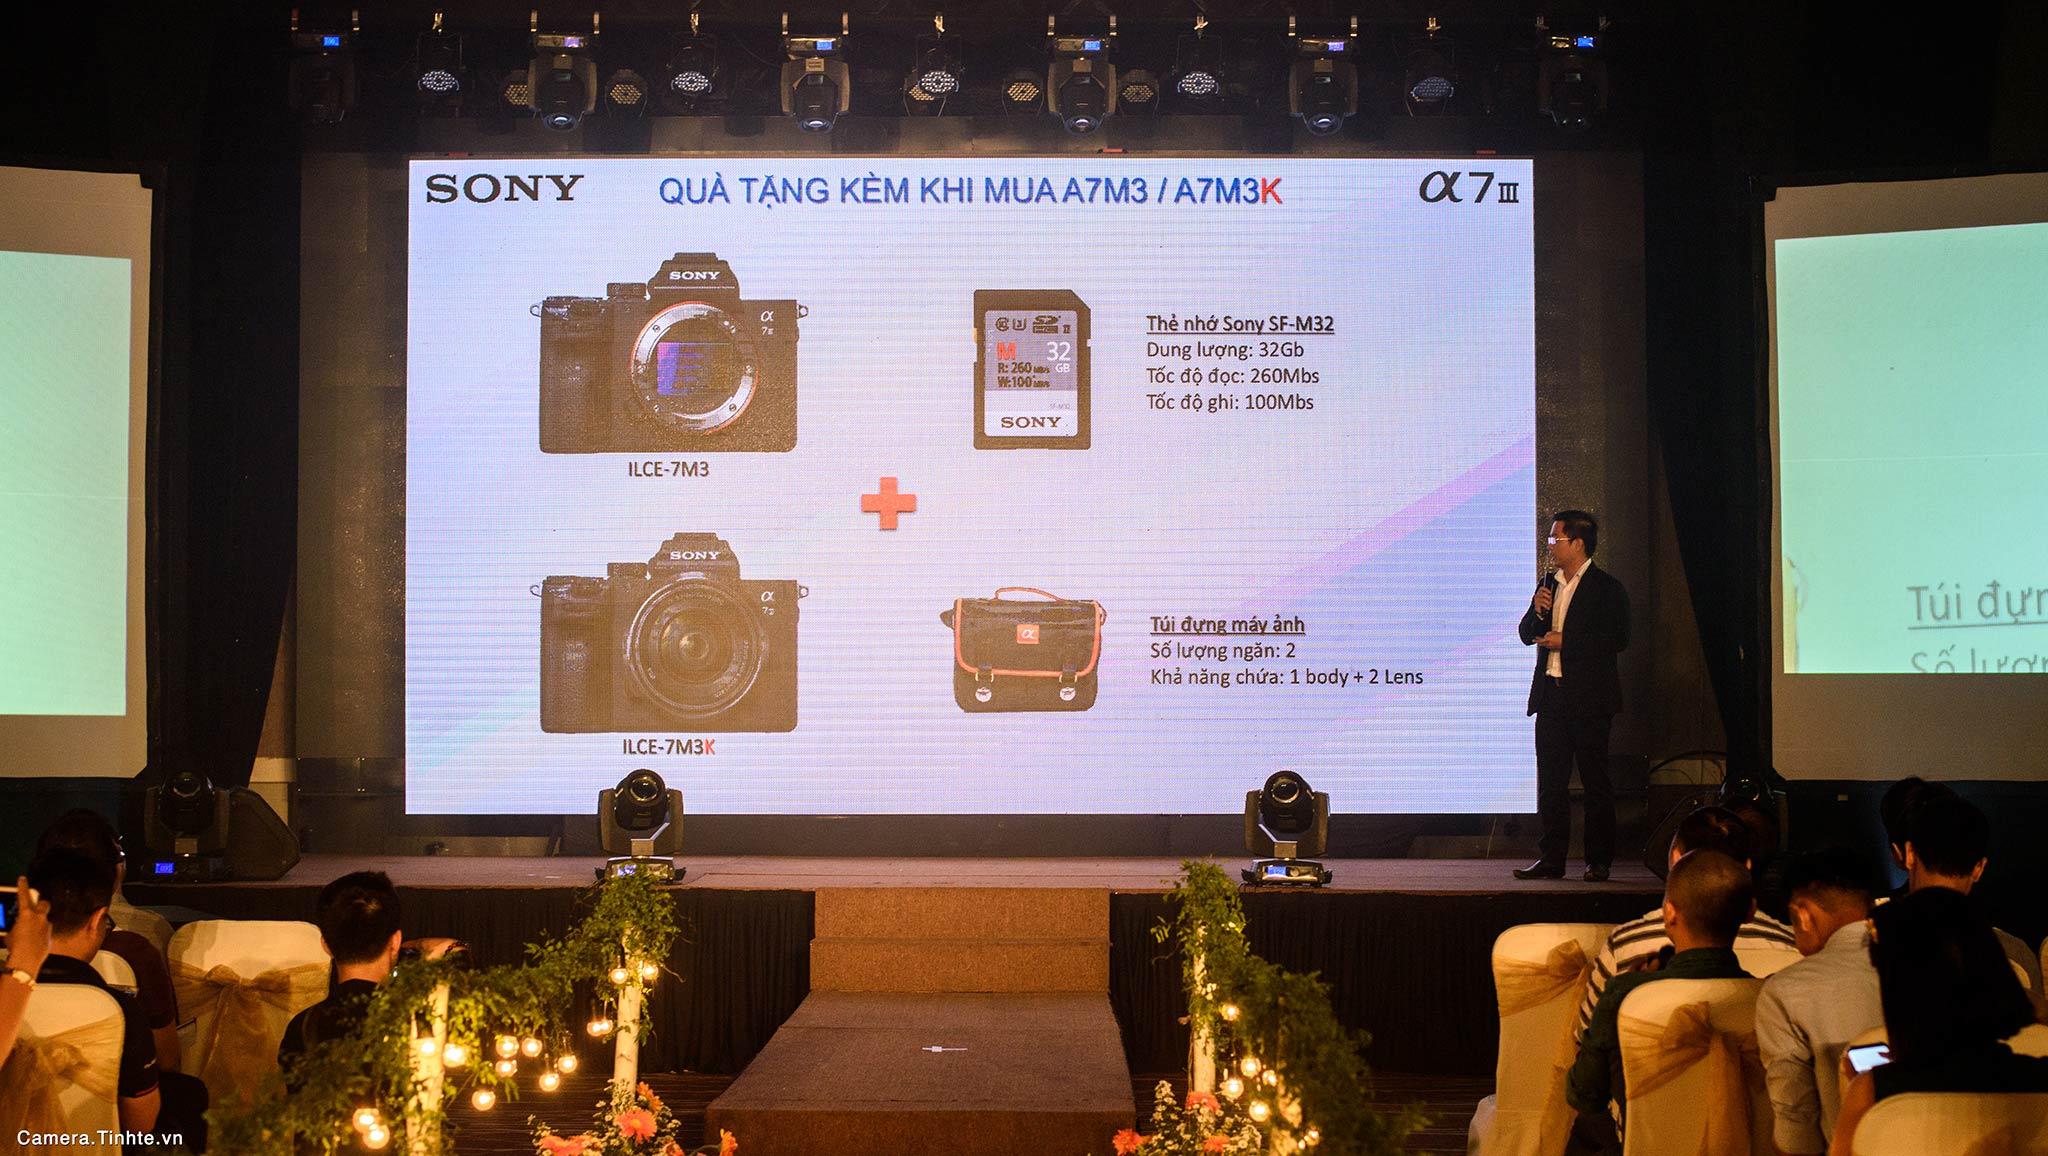 Camera.Tinhte.vn_Sony-ra-mat-A7-III_DSC_1654.jpg